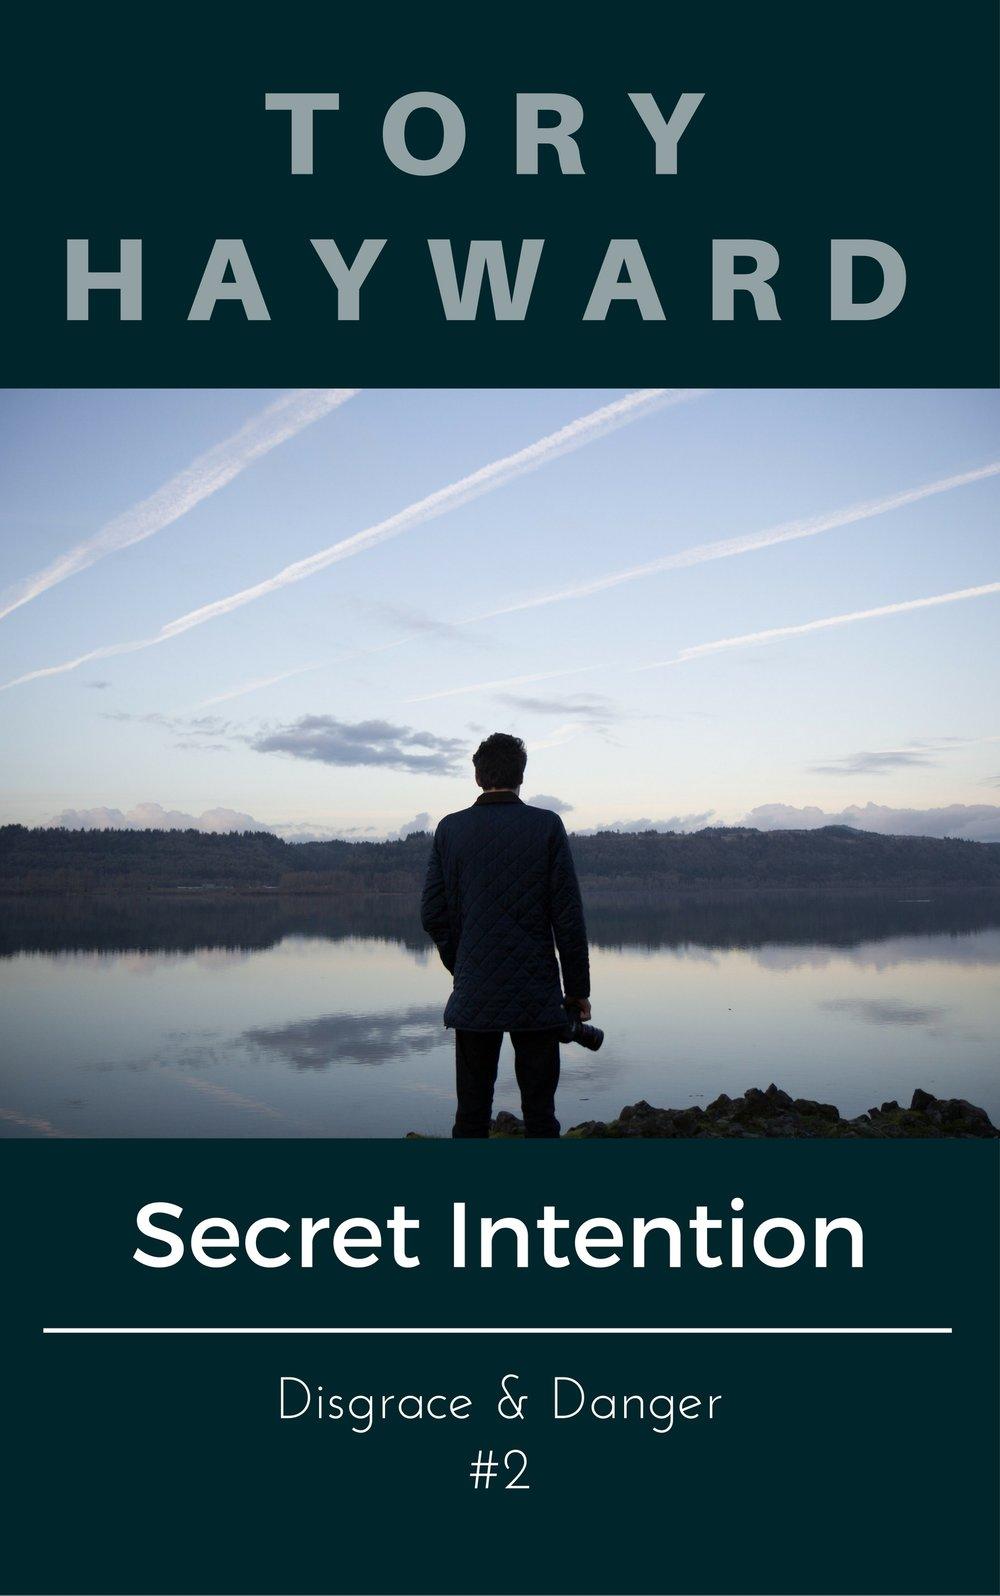 Copy of Disgrace & Danger #2: Secret Intention